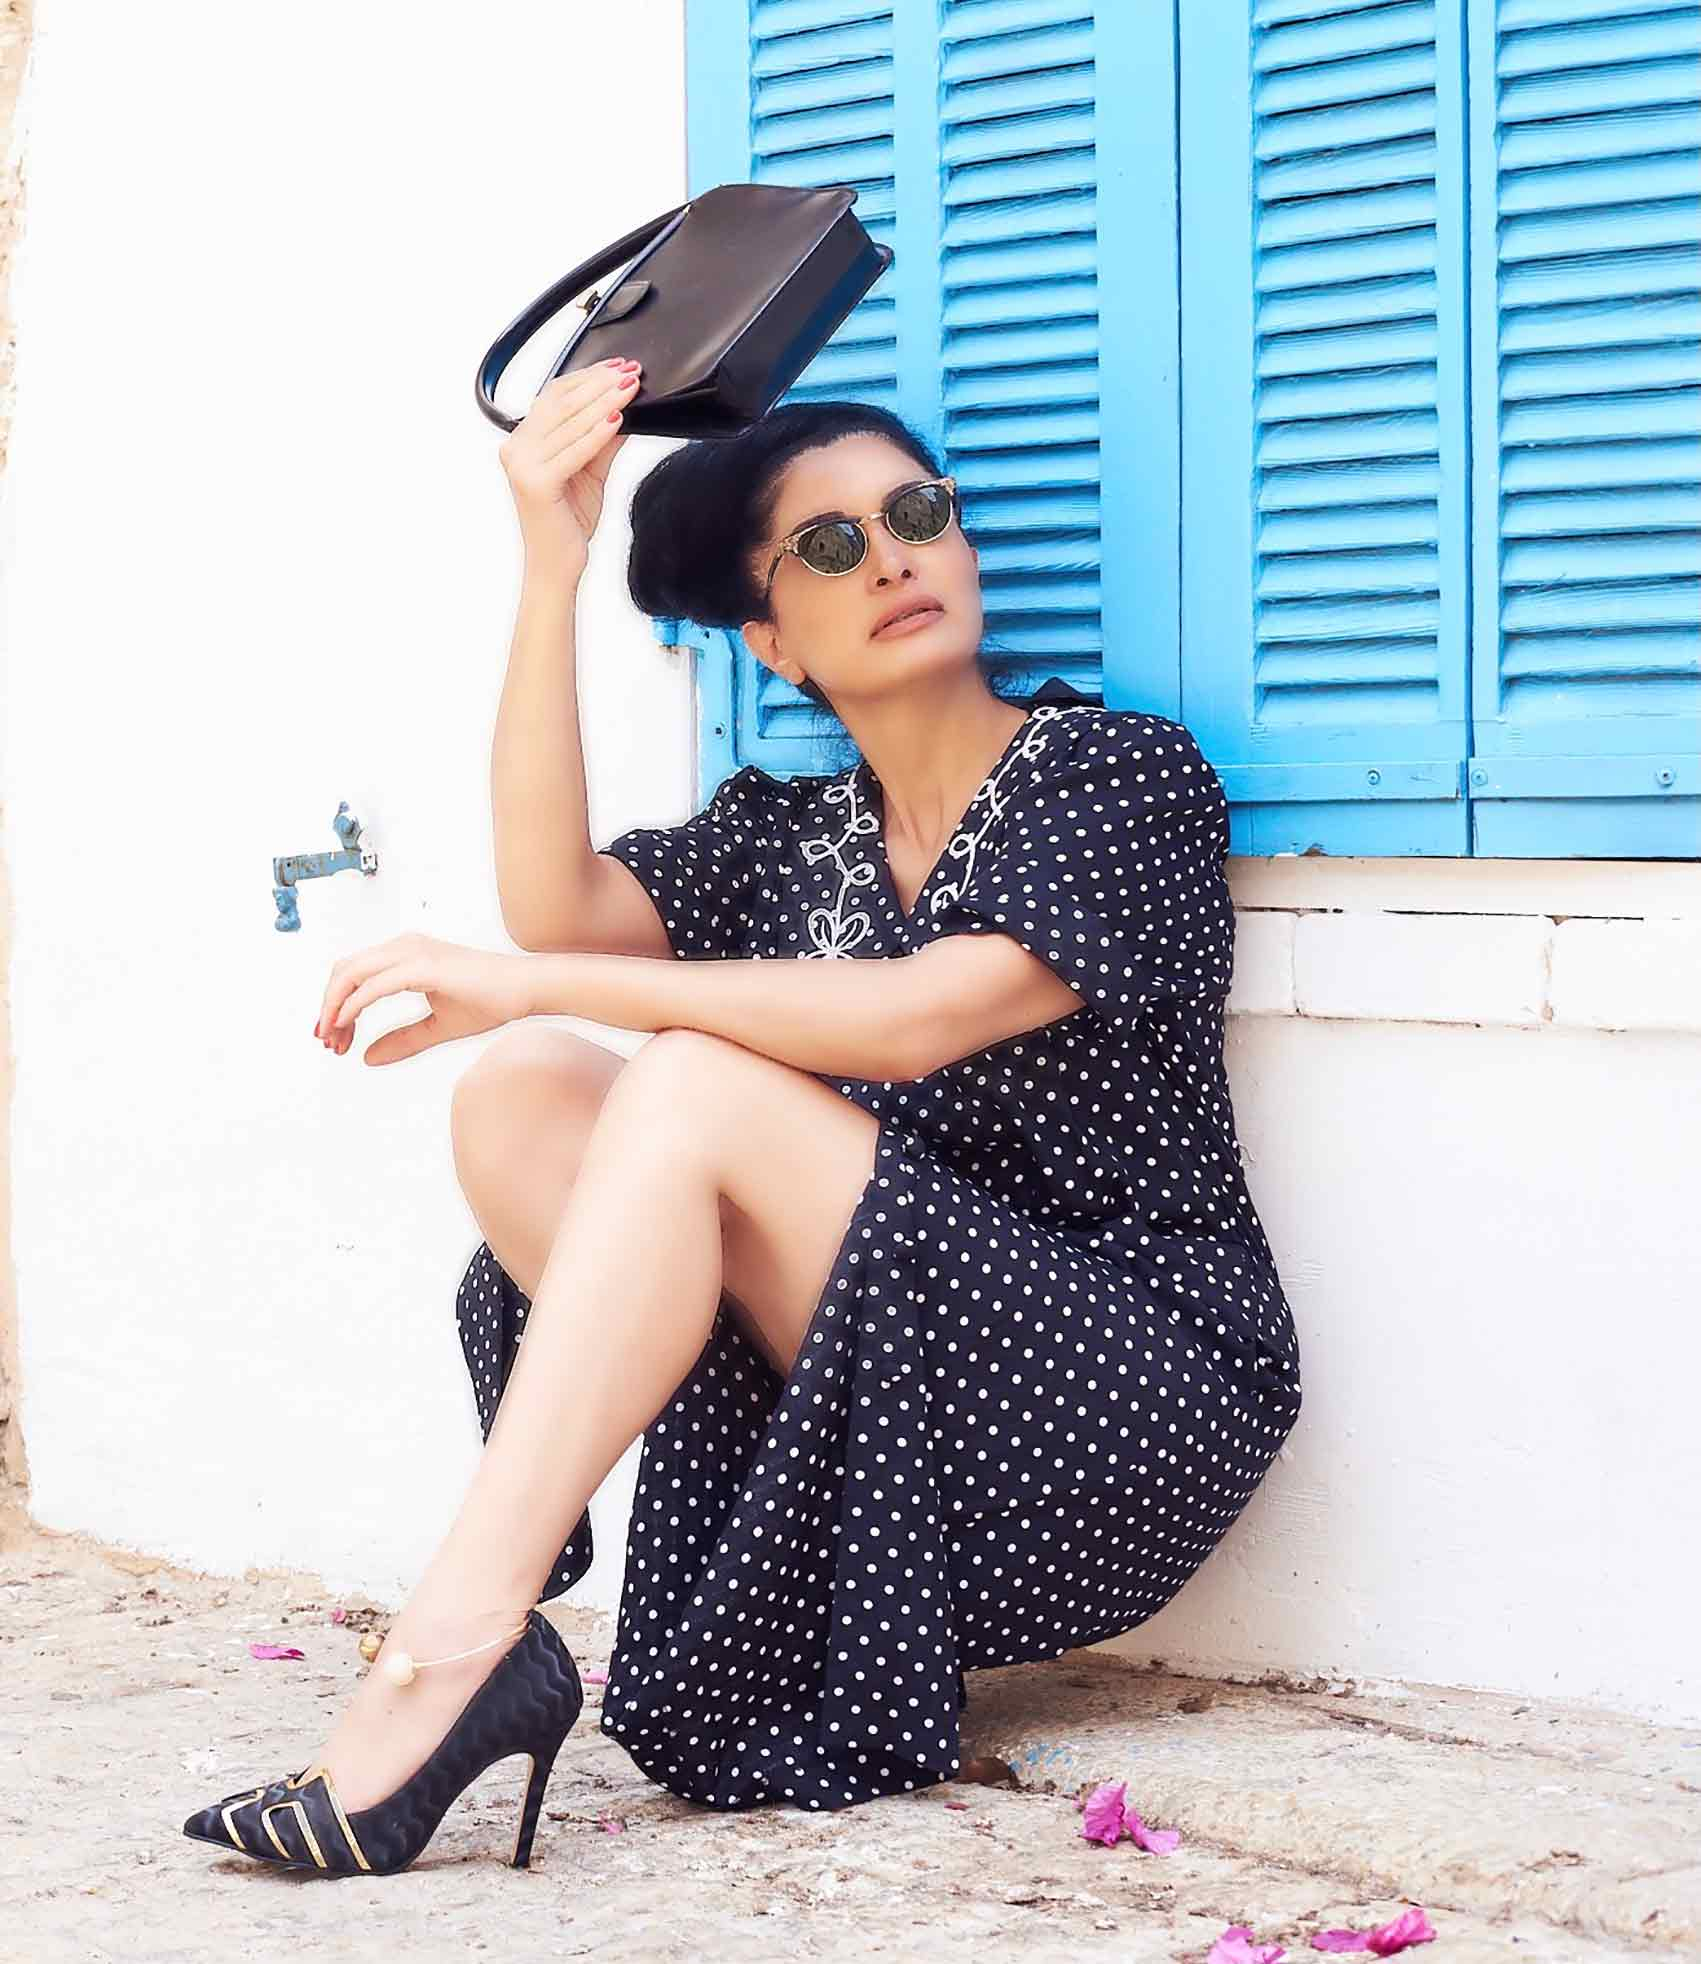 שמלת-פולקה-לוני-וינטג'-צילום-Kim-kandler---2-ופנה